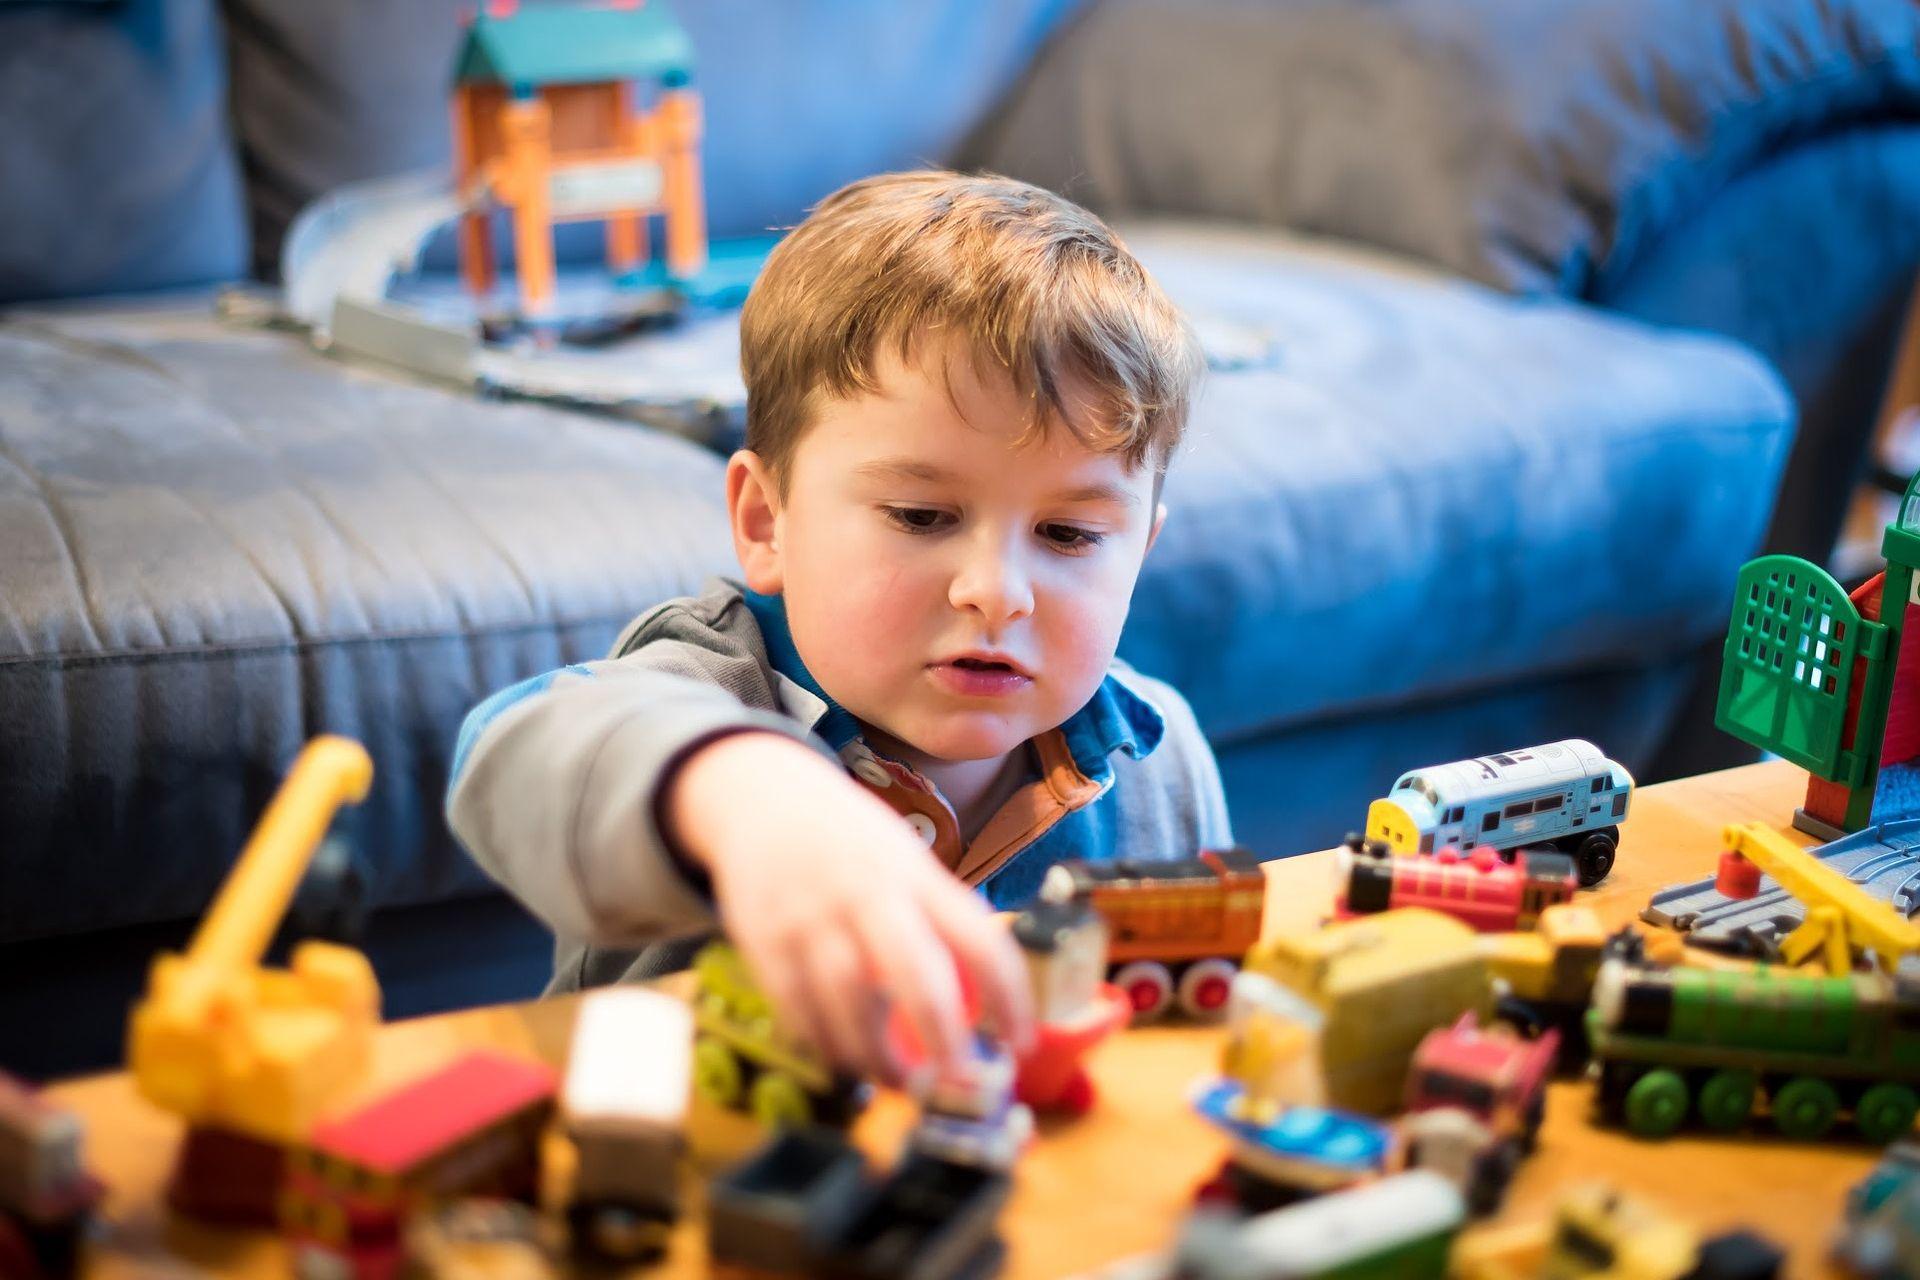 Kleiner Junge spielt in seinem Zimmer mit Leihspielzeug als Beispiel für eine Geschäftsmodell-Innovation der Innovationsarten